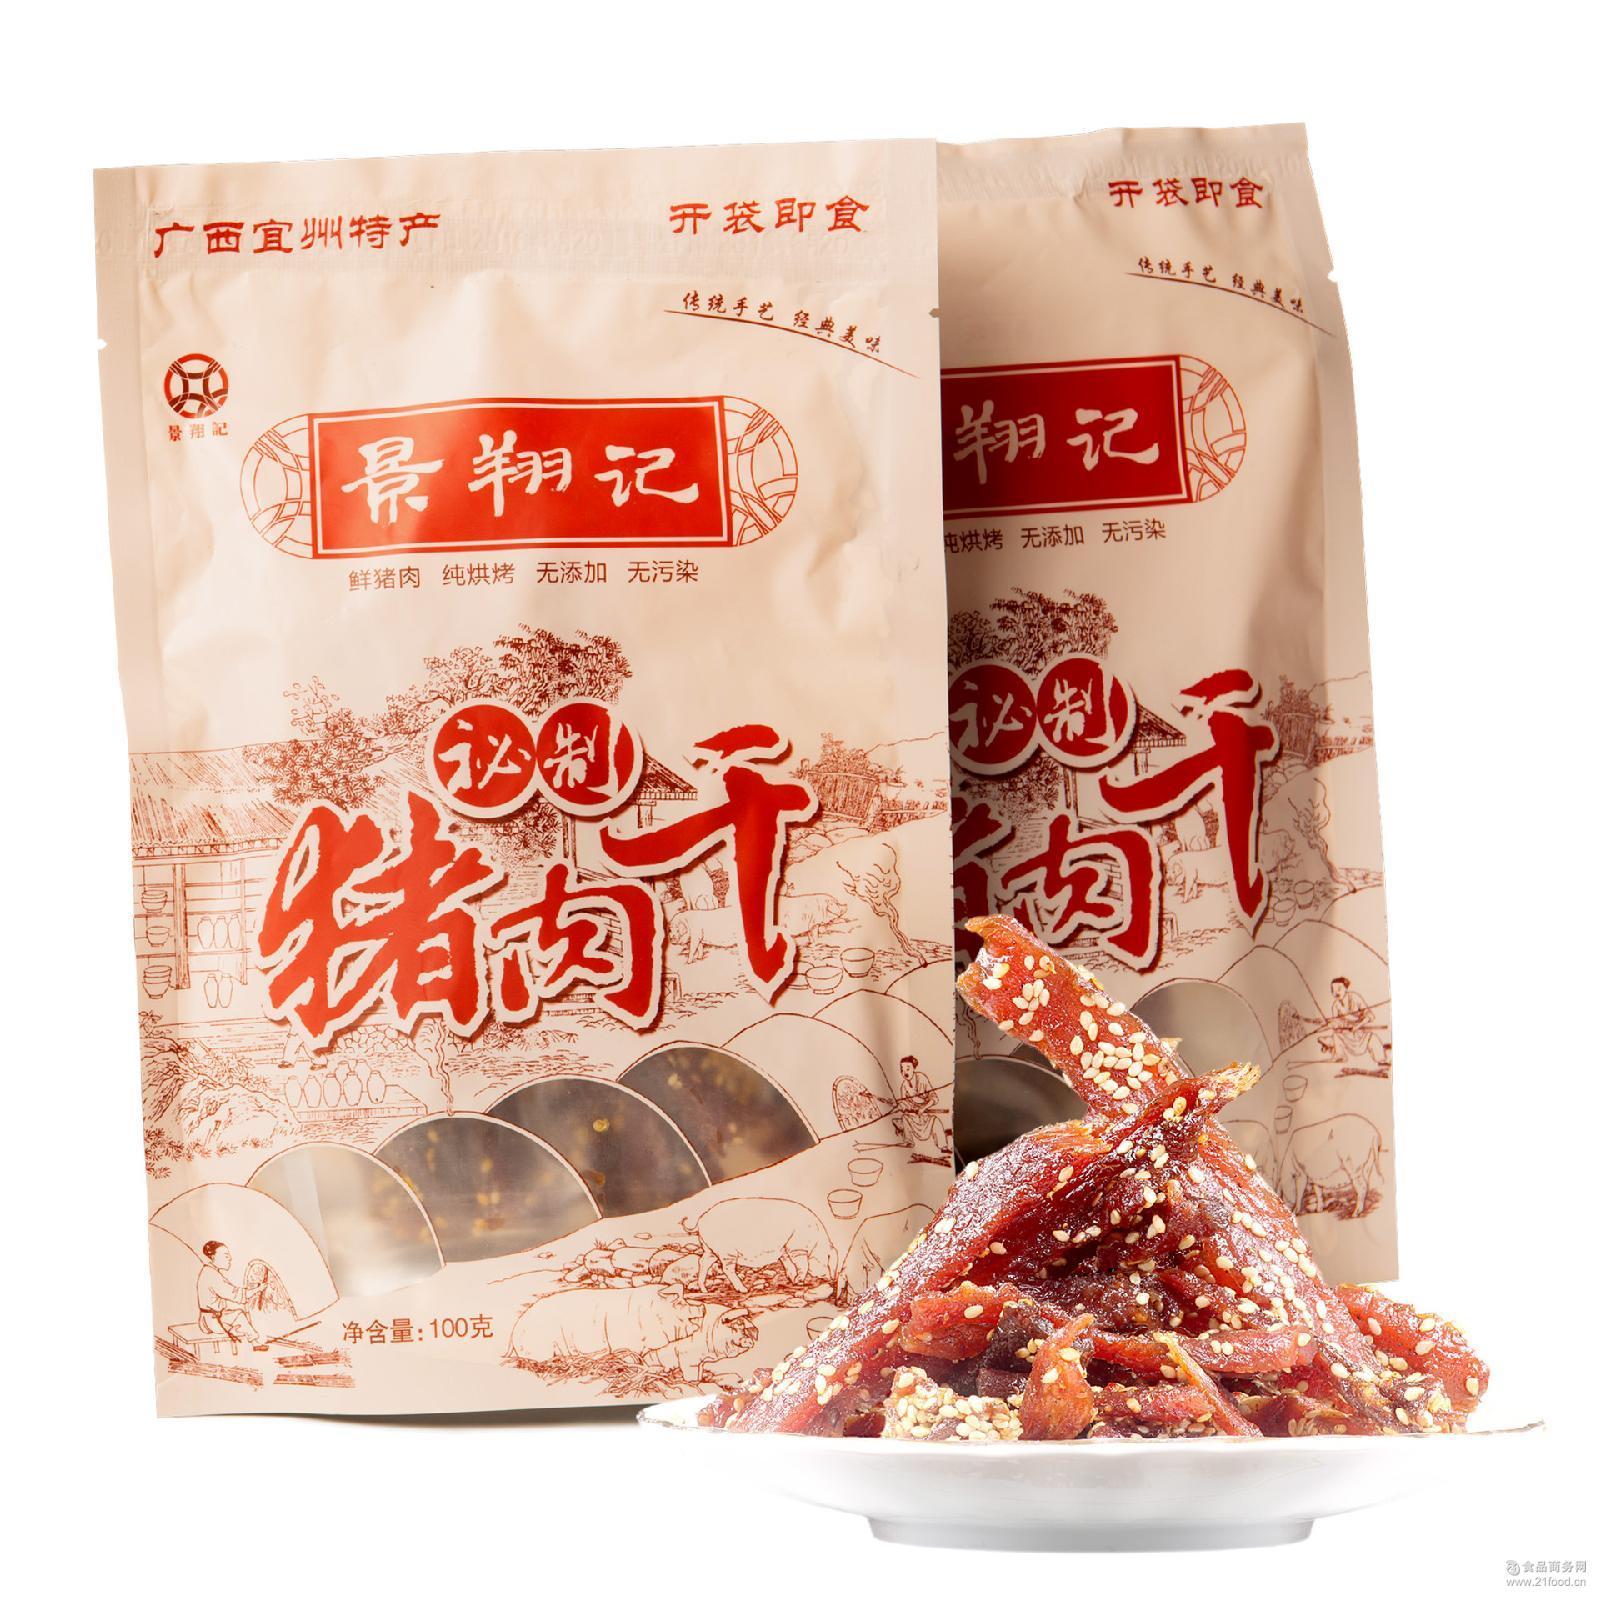 猪肉零食 休闲食品 香甜味猪肉条 景翔记秘制猪肉干 广西特产